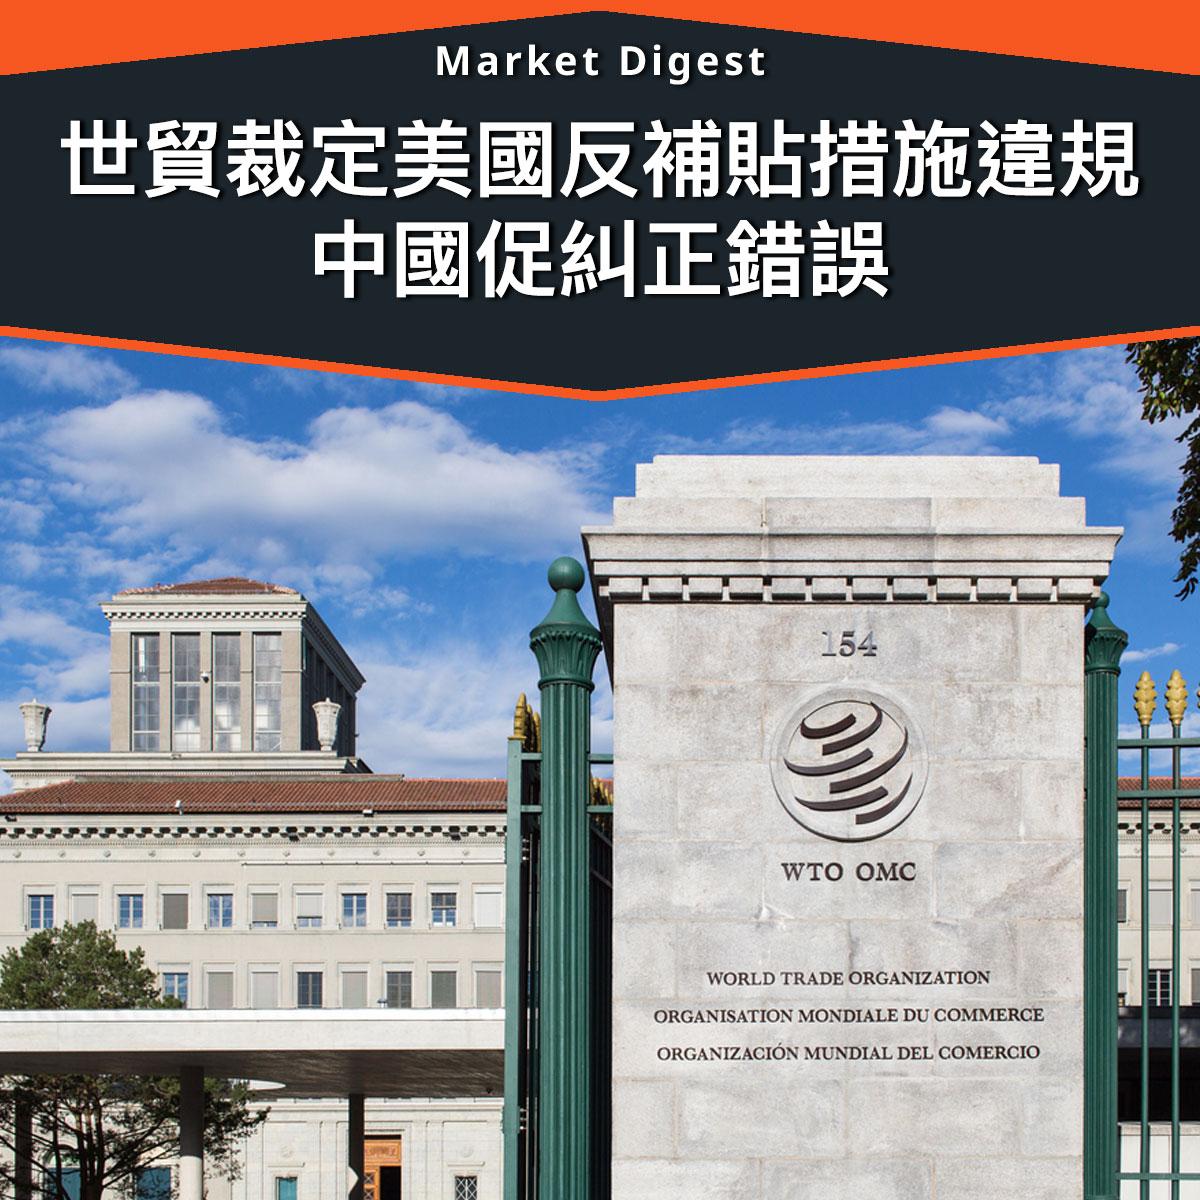 【中美貿戰】世貿裁定美國反補貼措施違規 中國促糾正錯誤